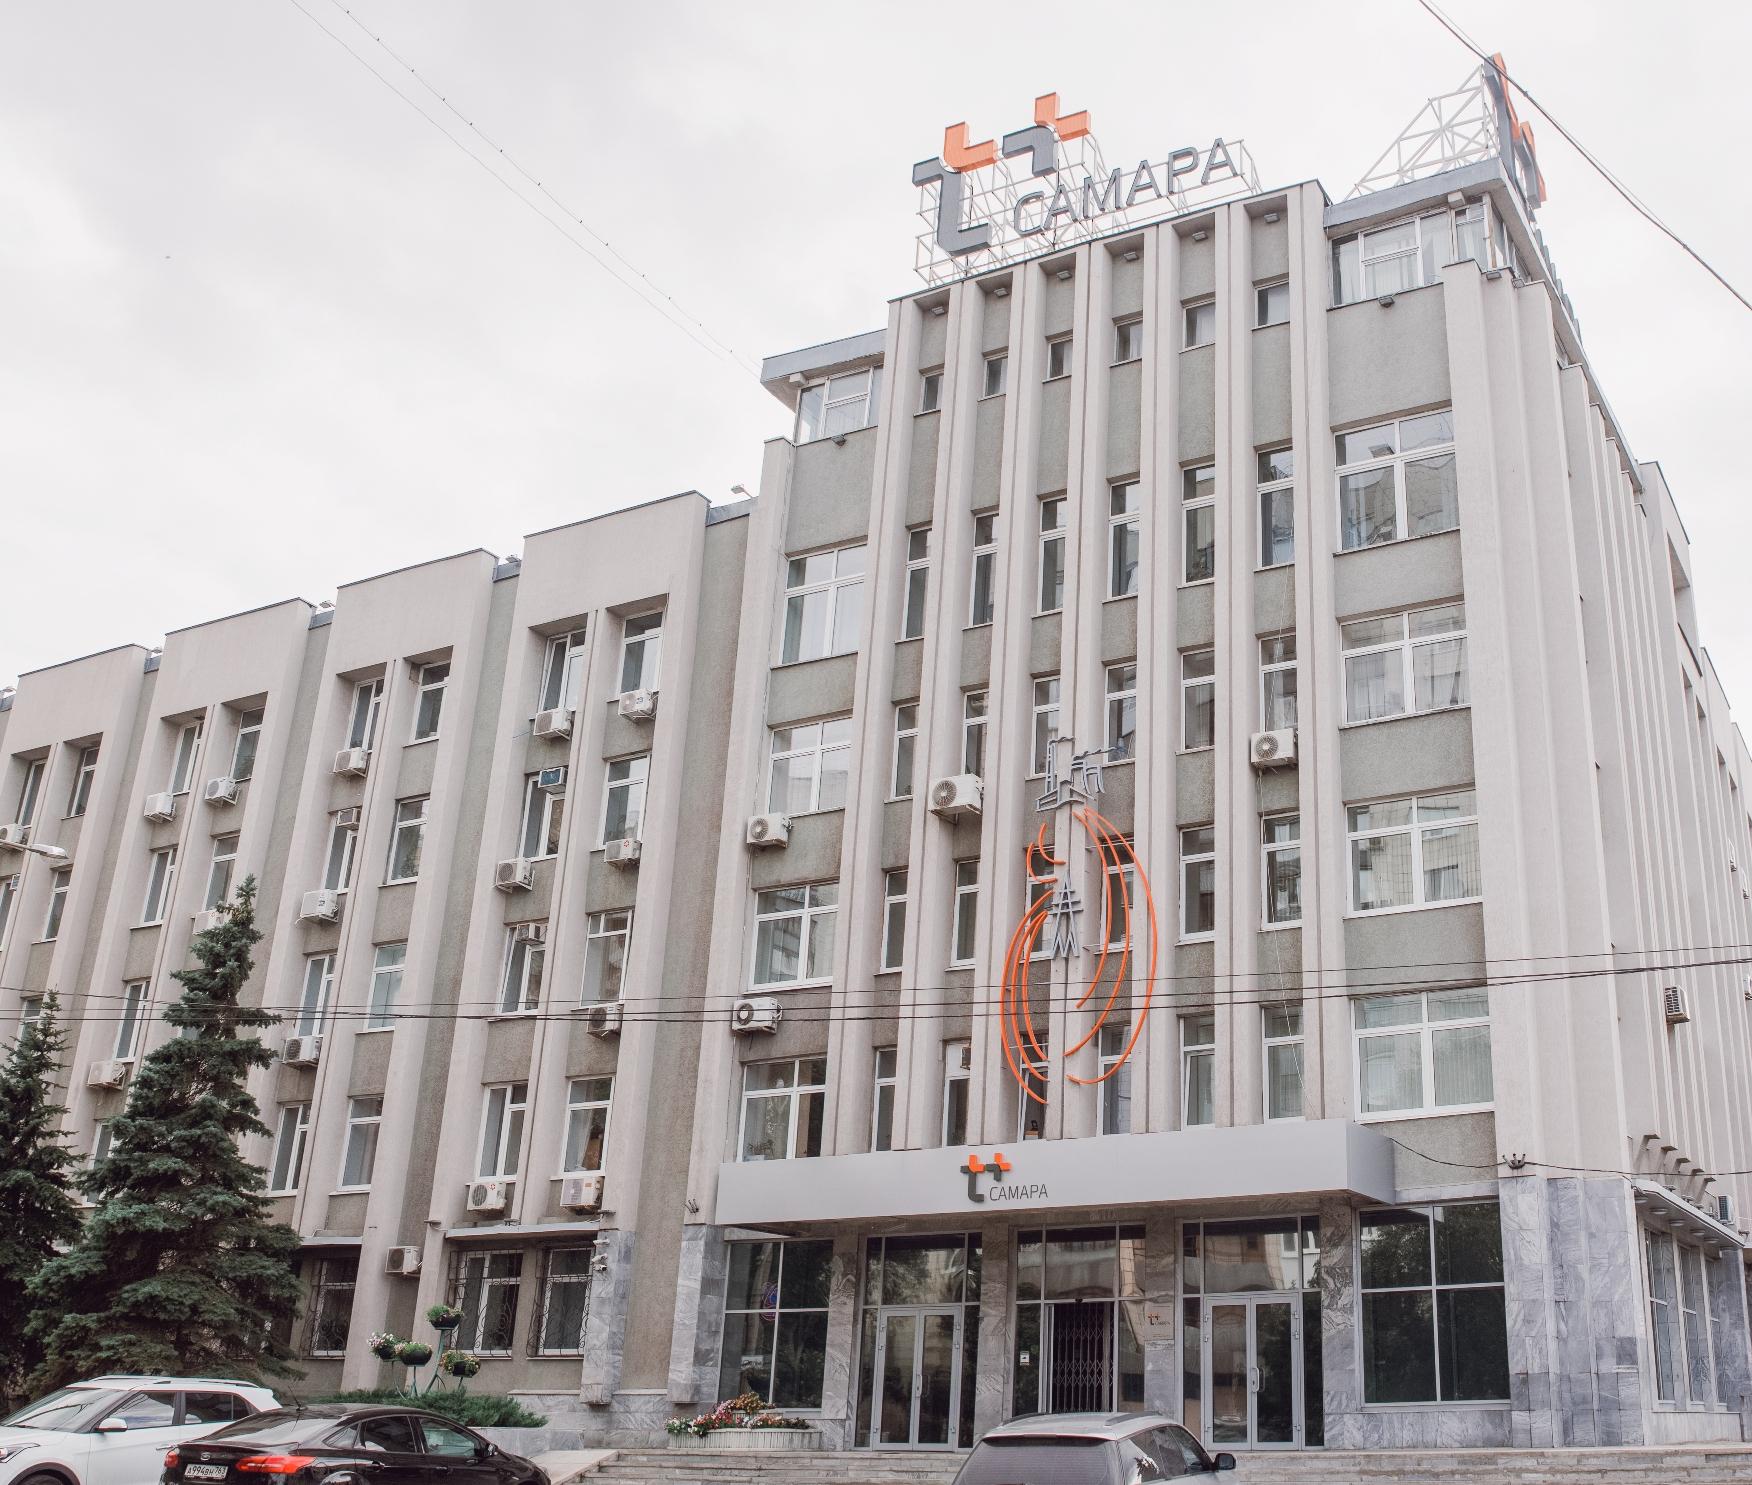 Административное здание ВГТК Куйбышевэнерго (Маяковского, 15)